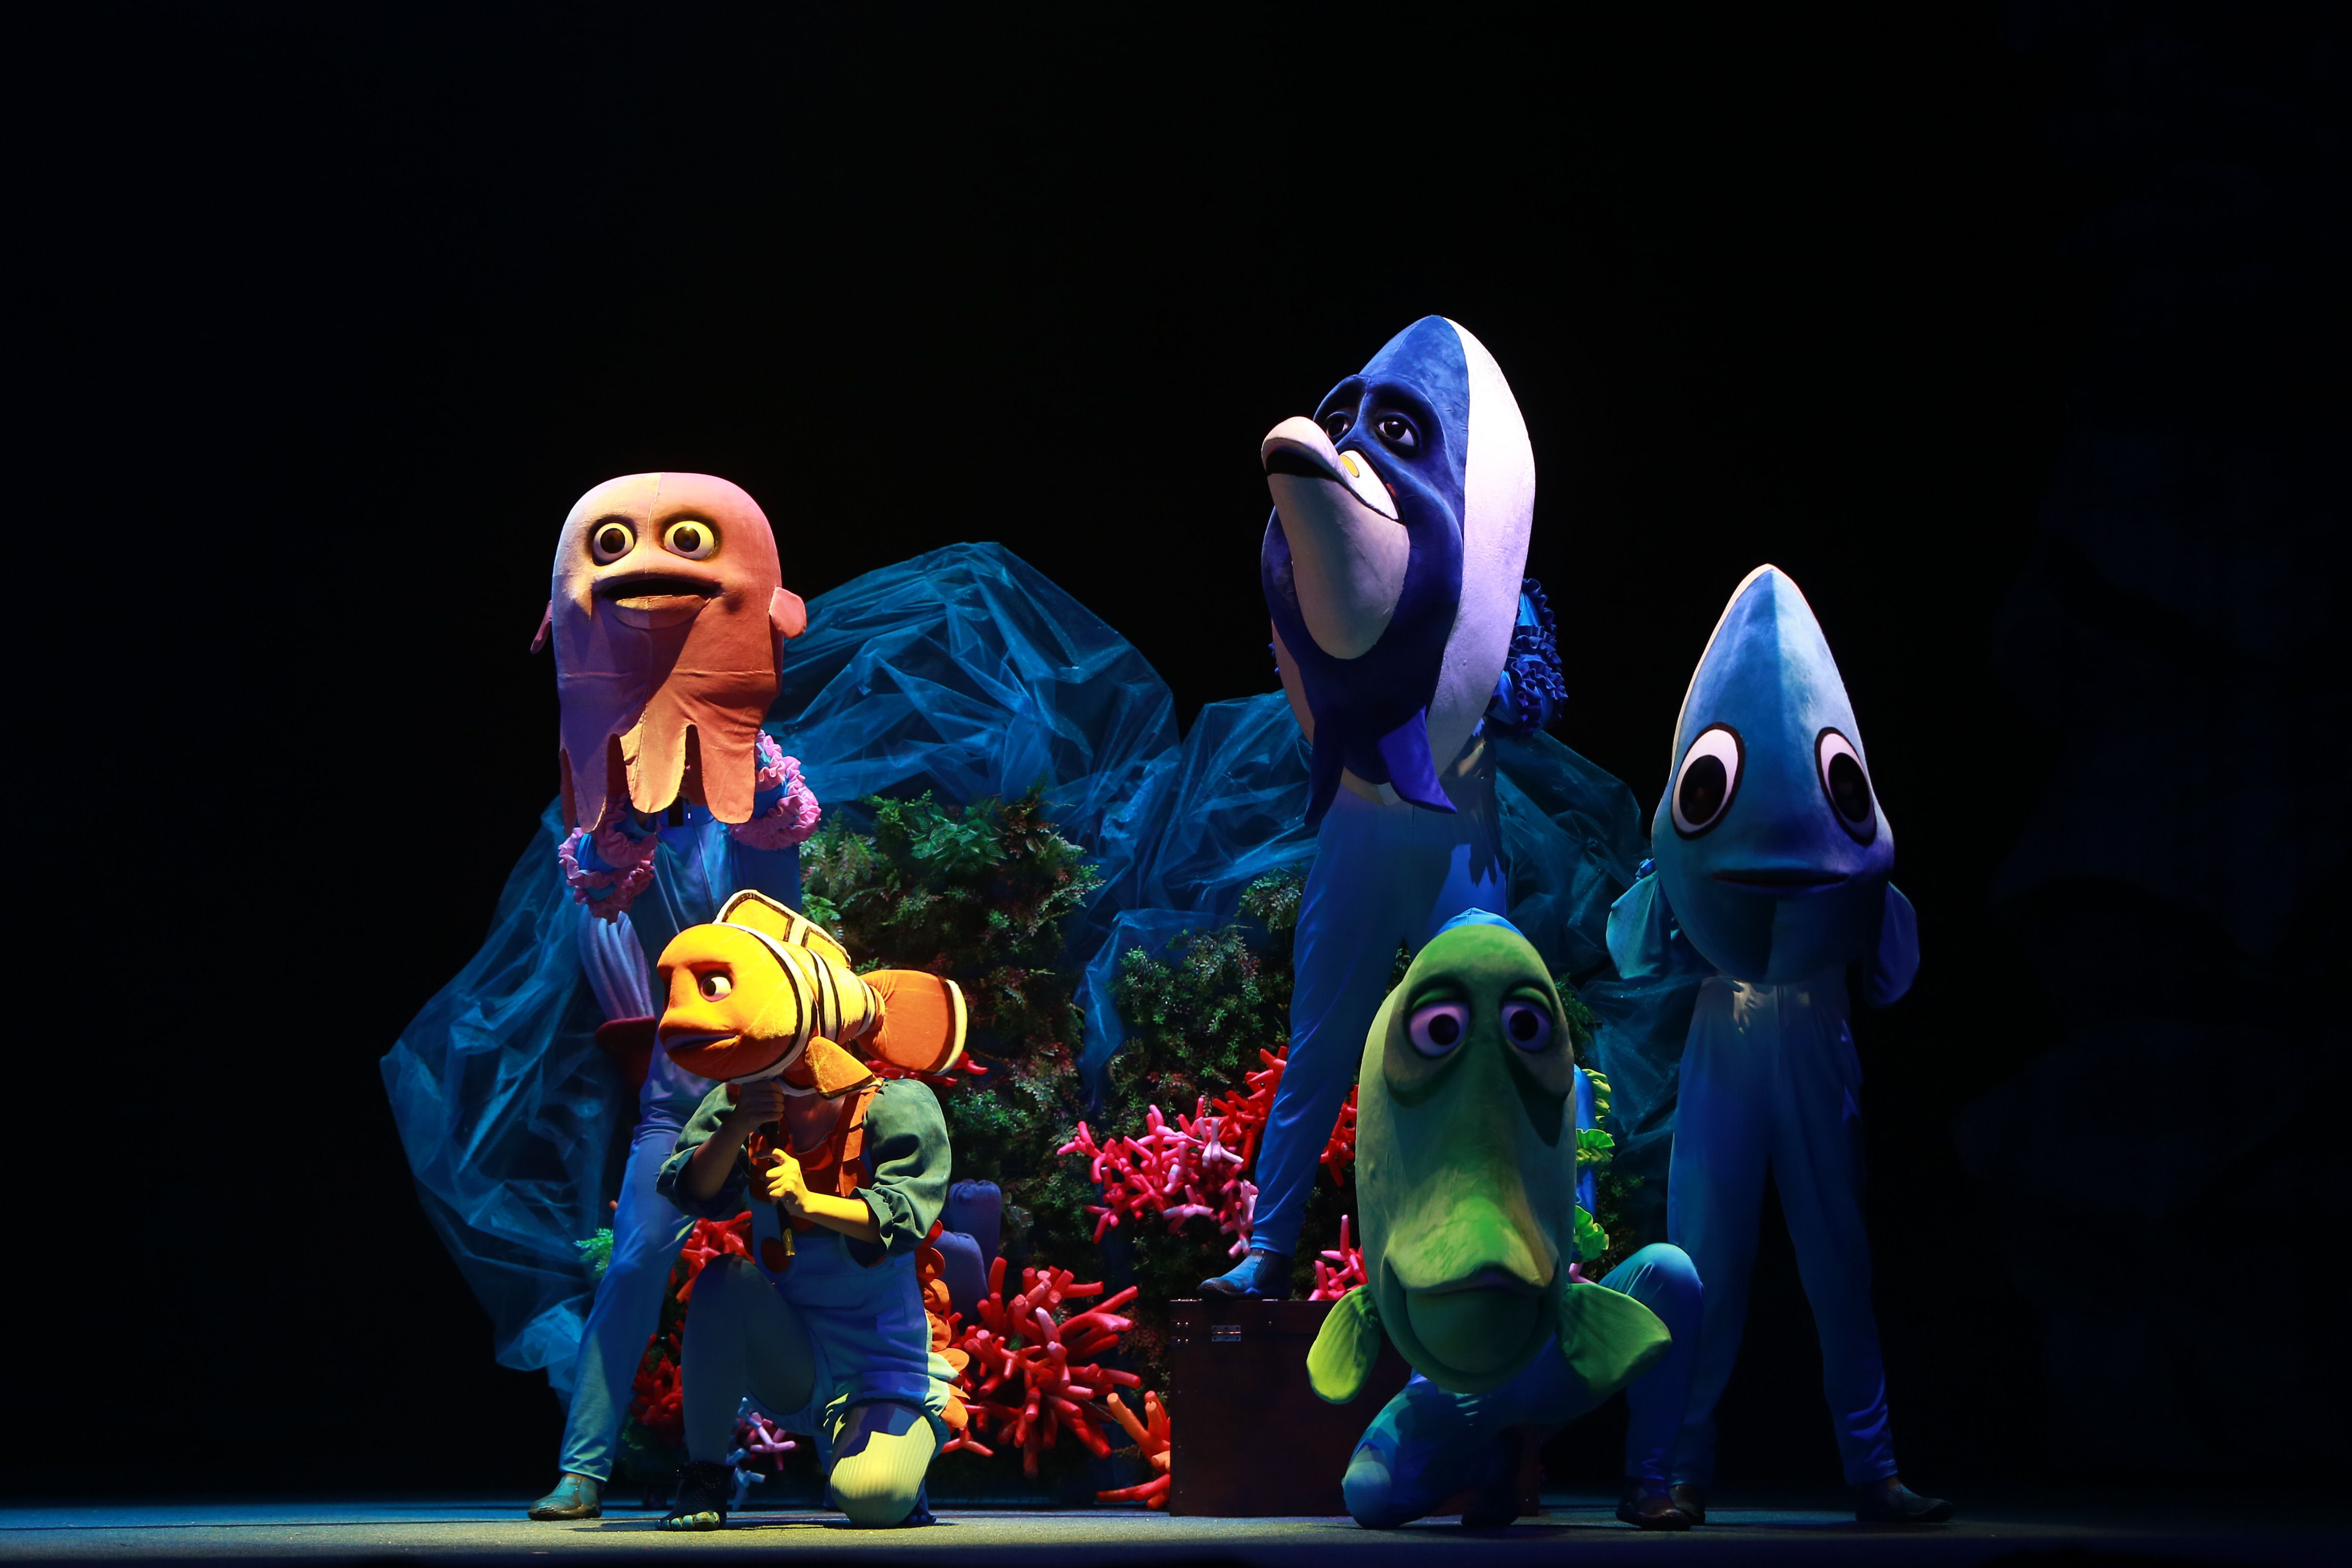 《深海总动员》将亮相中国儿童剧场,该剧表现形式采用纯粹的音乐剧